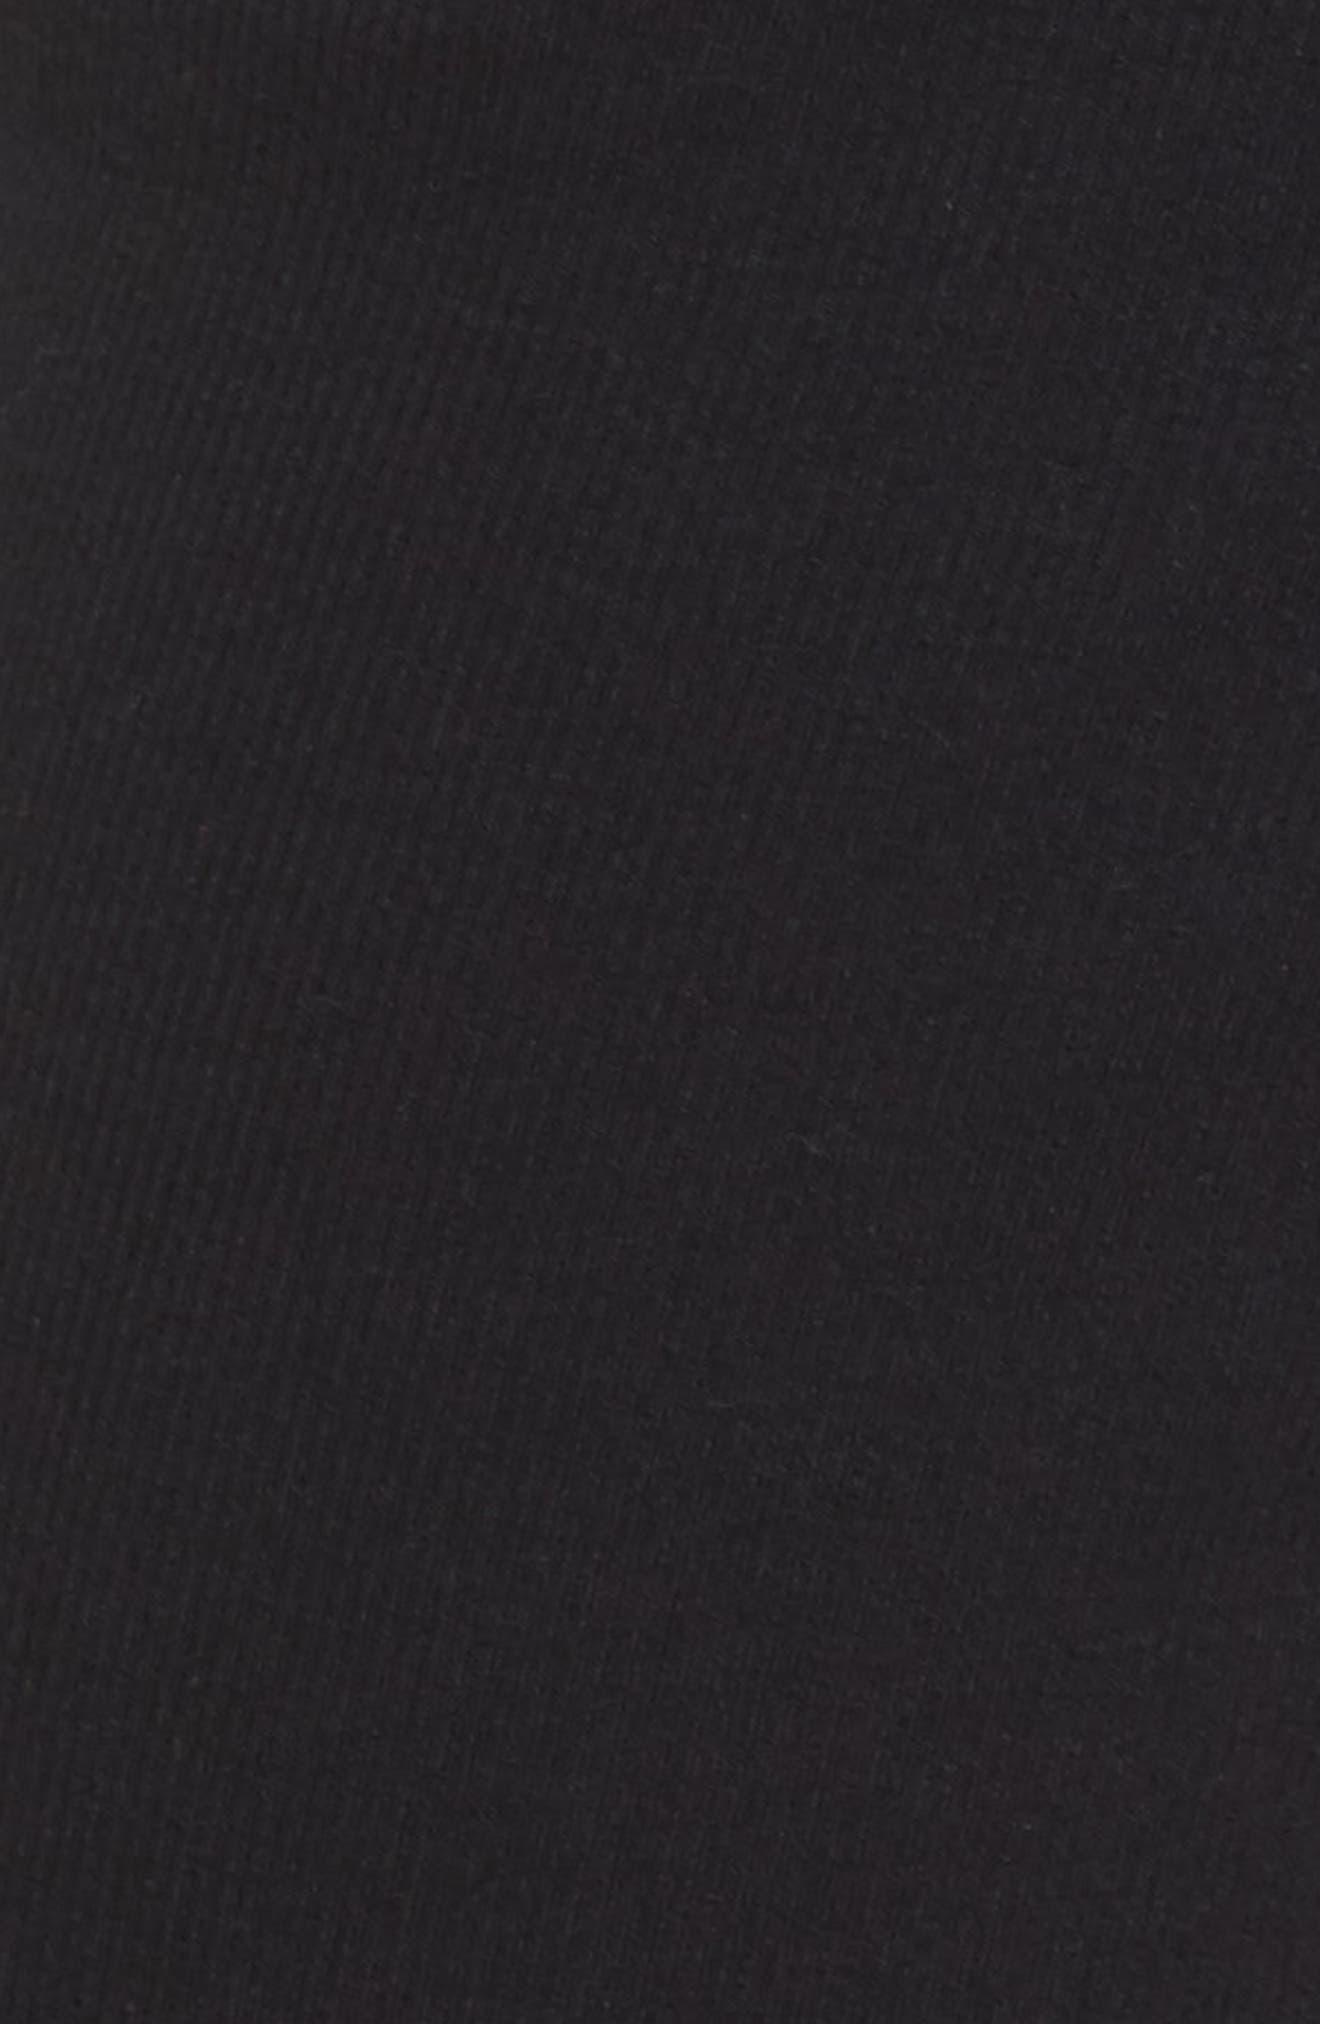 Carmin Crop Lounge Pants,                             Alternate thumbnail 5, color,                             001